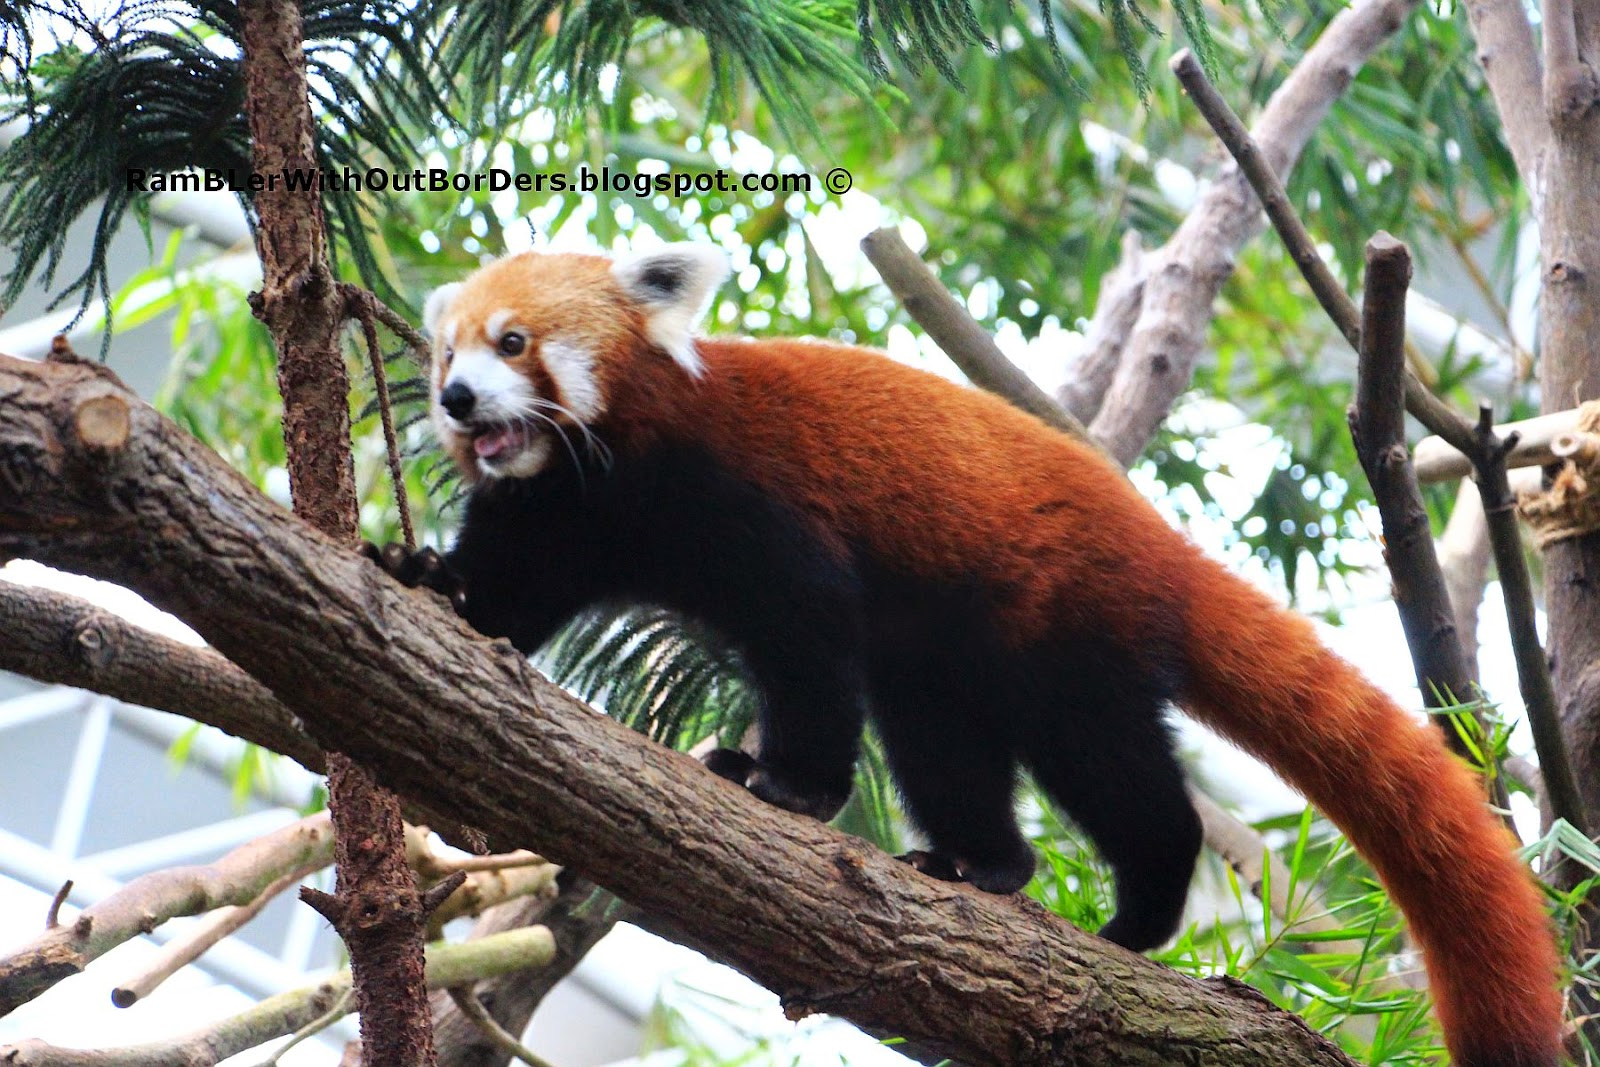 Red Panda, River Safari, Singapore